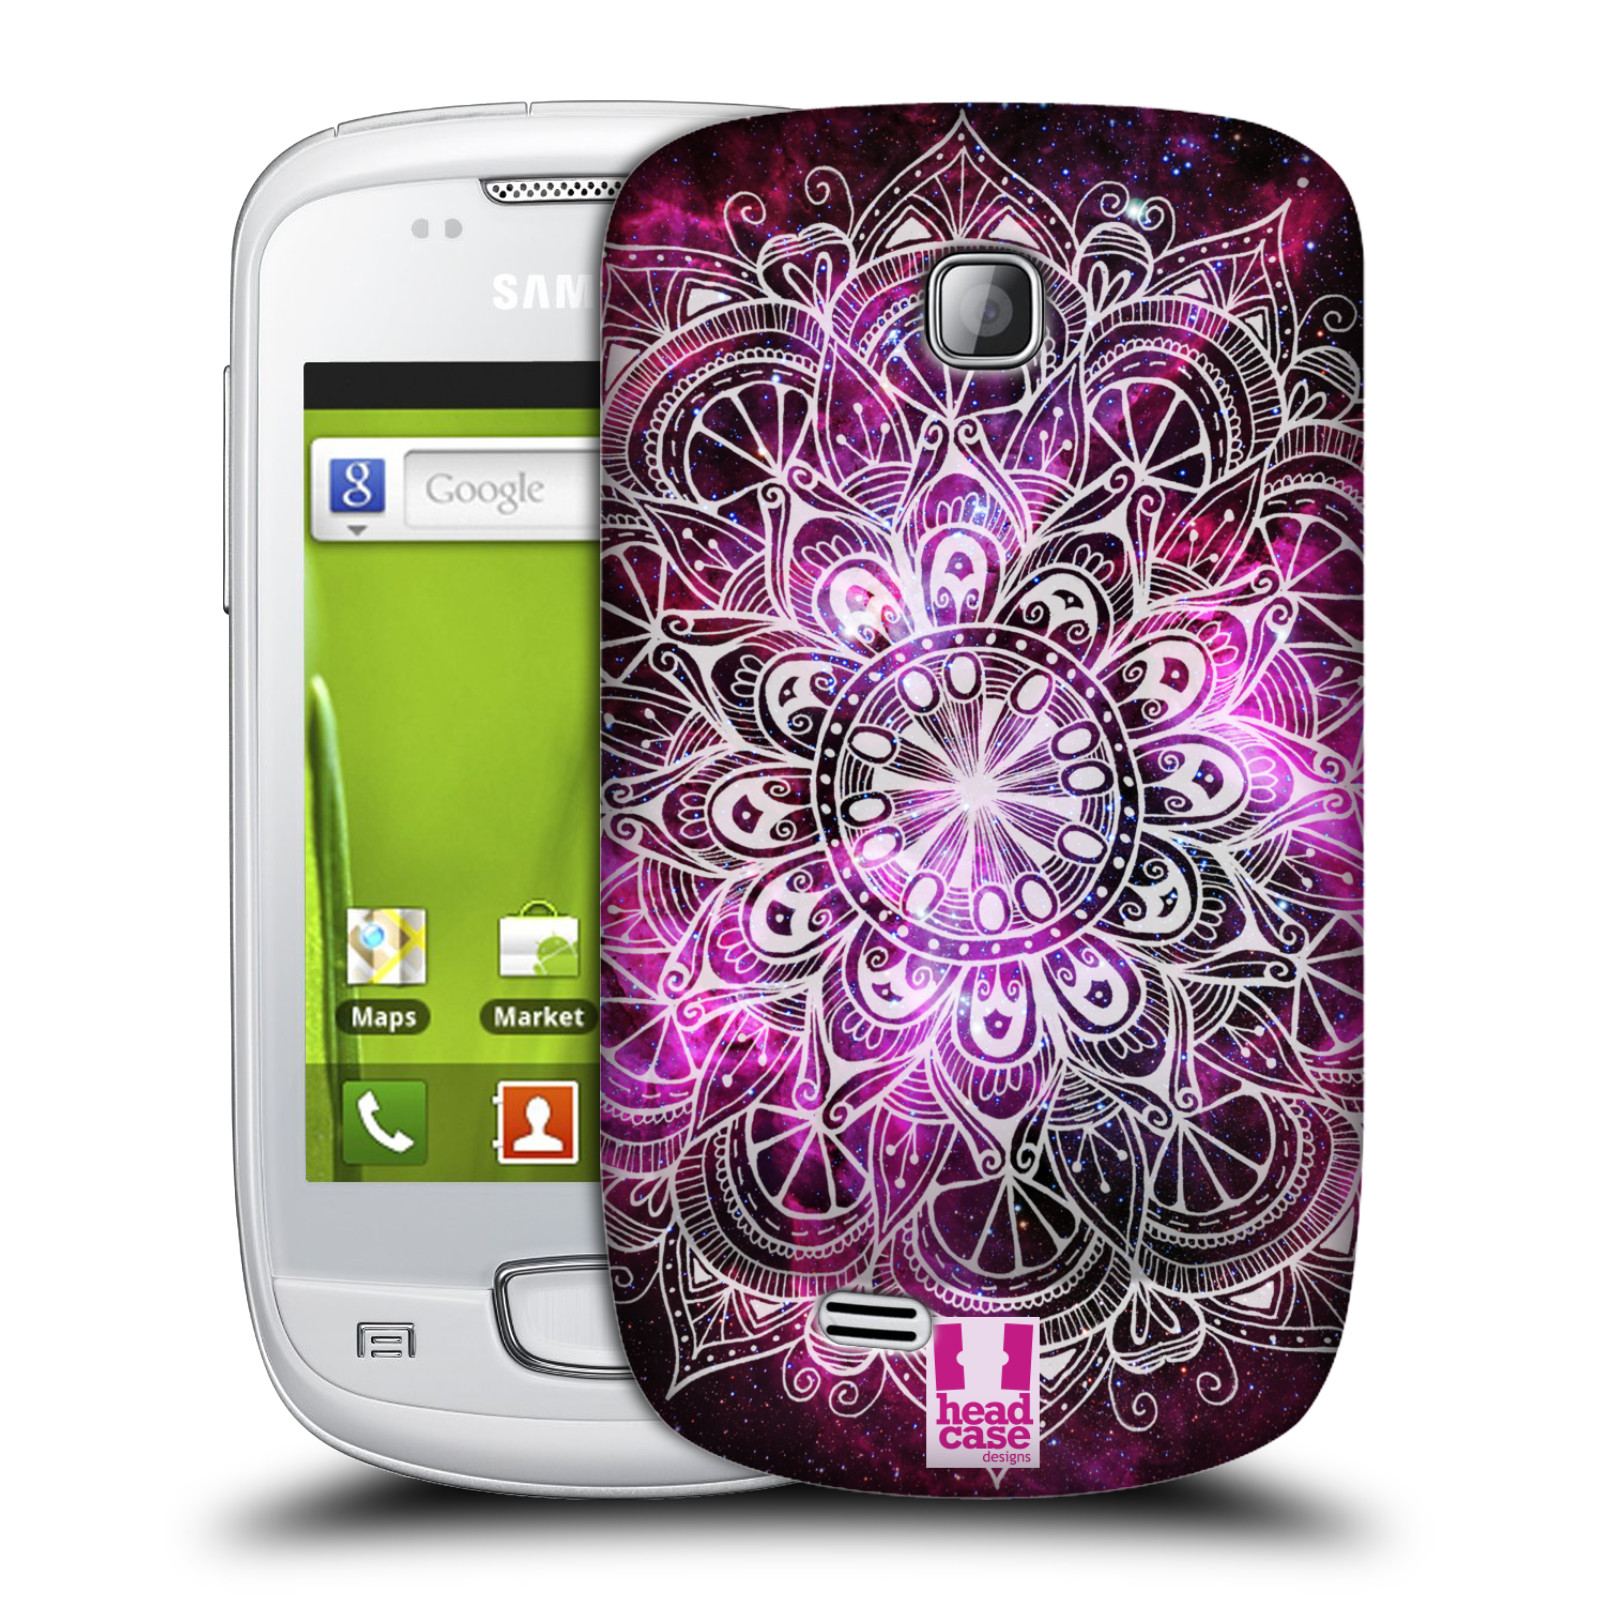 Plastové pouzdro na mobil Samsung Galaxy Mini HEAD CASE Mandala Doodle Nebula (Kryt či obal na mobilní telefon Samsung Galaxy Mini GT-S5570 / GT-S5570i)